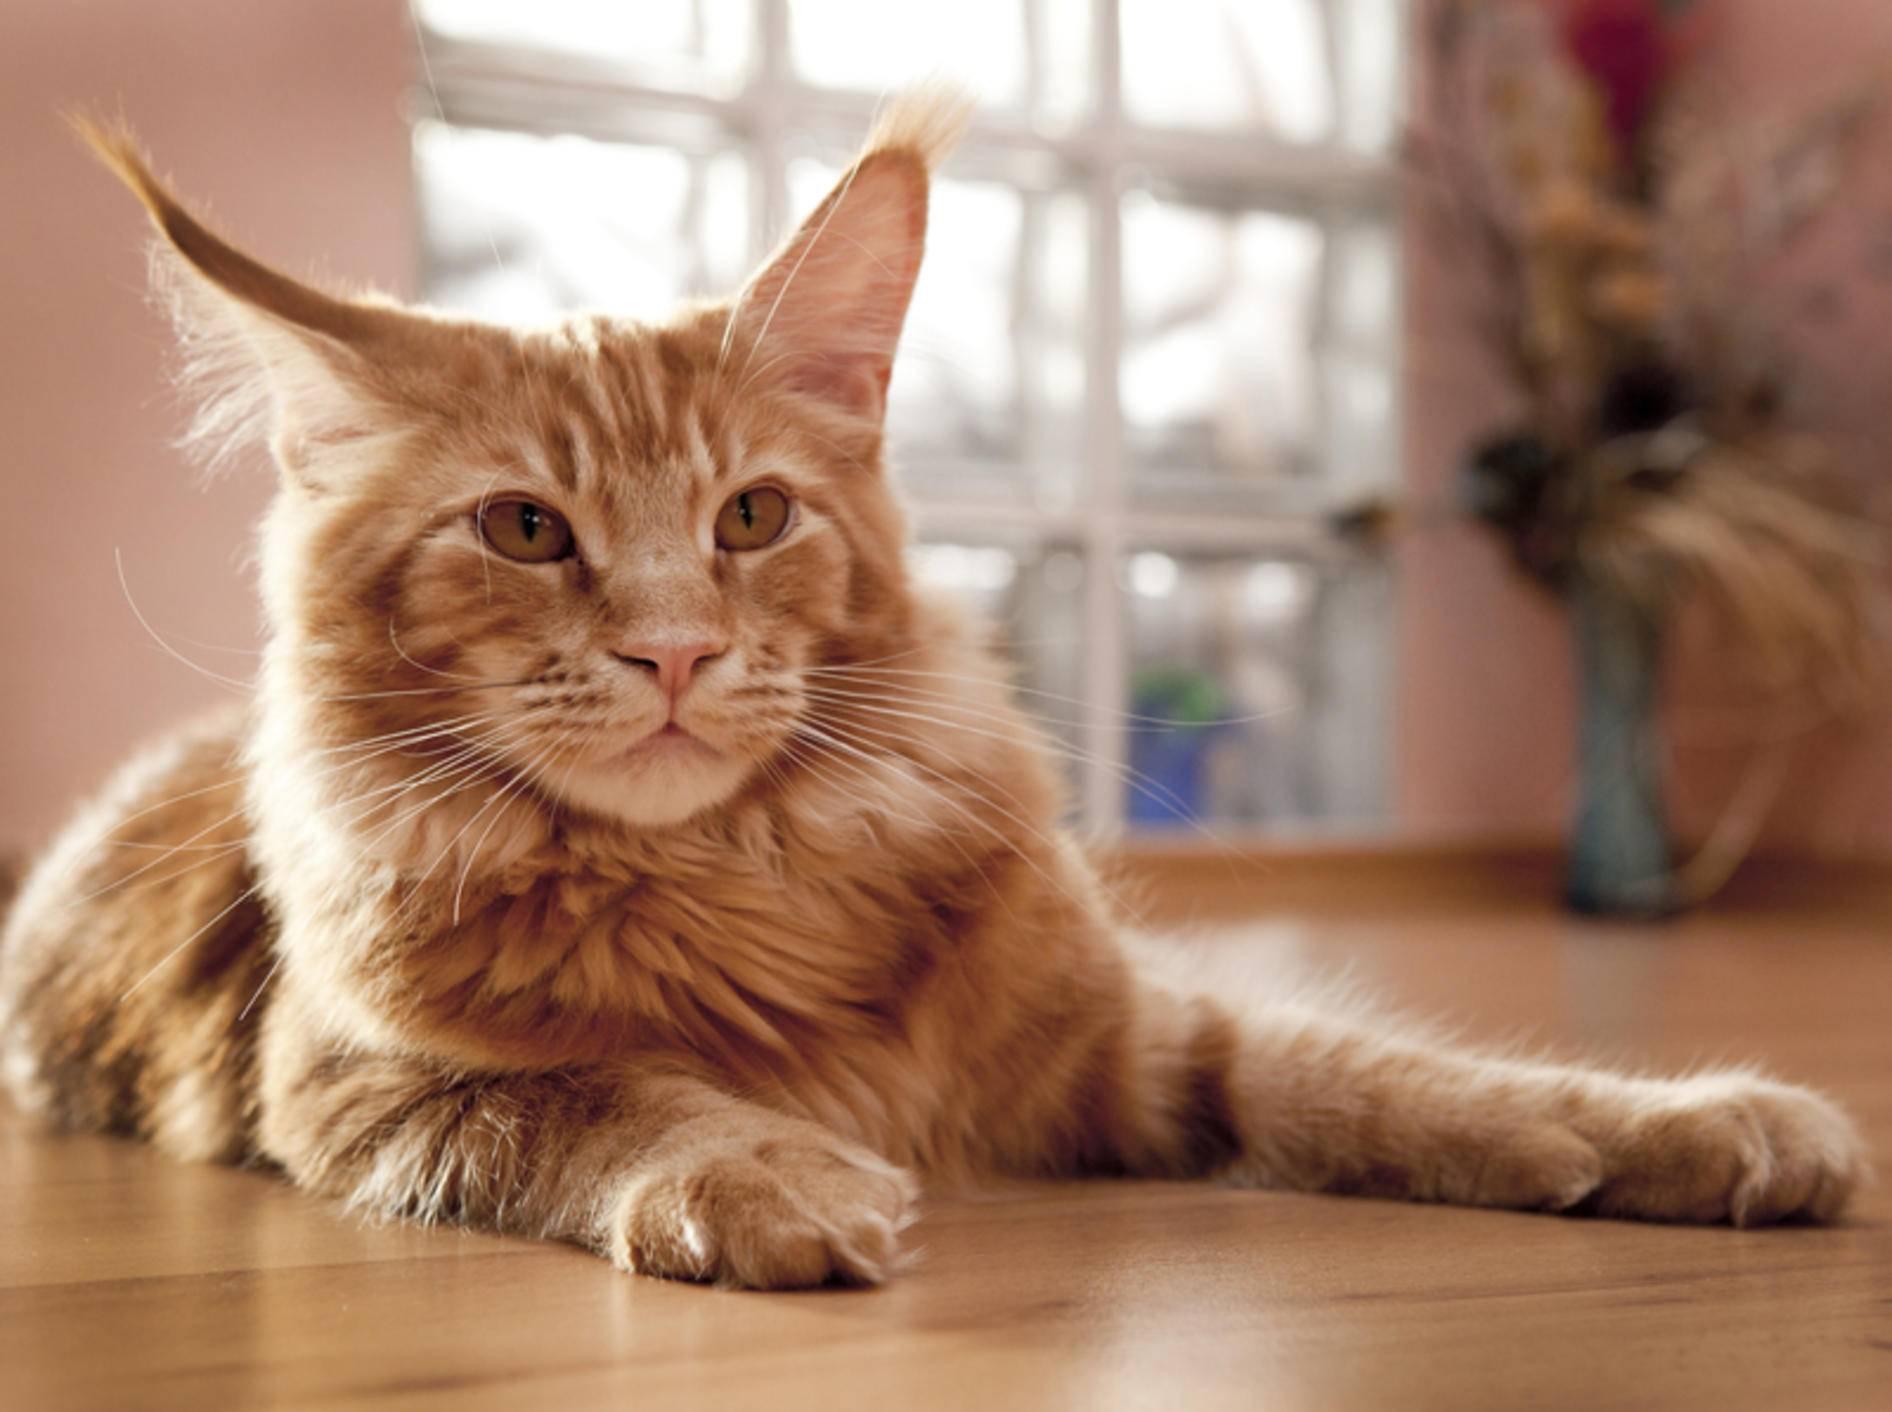 Mit der richtigen Vorbereitung kann eine Katze durchaus für eine kurze Zeitspanne alleine bleiben. – Shutterstock / Marten_House